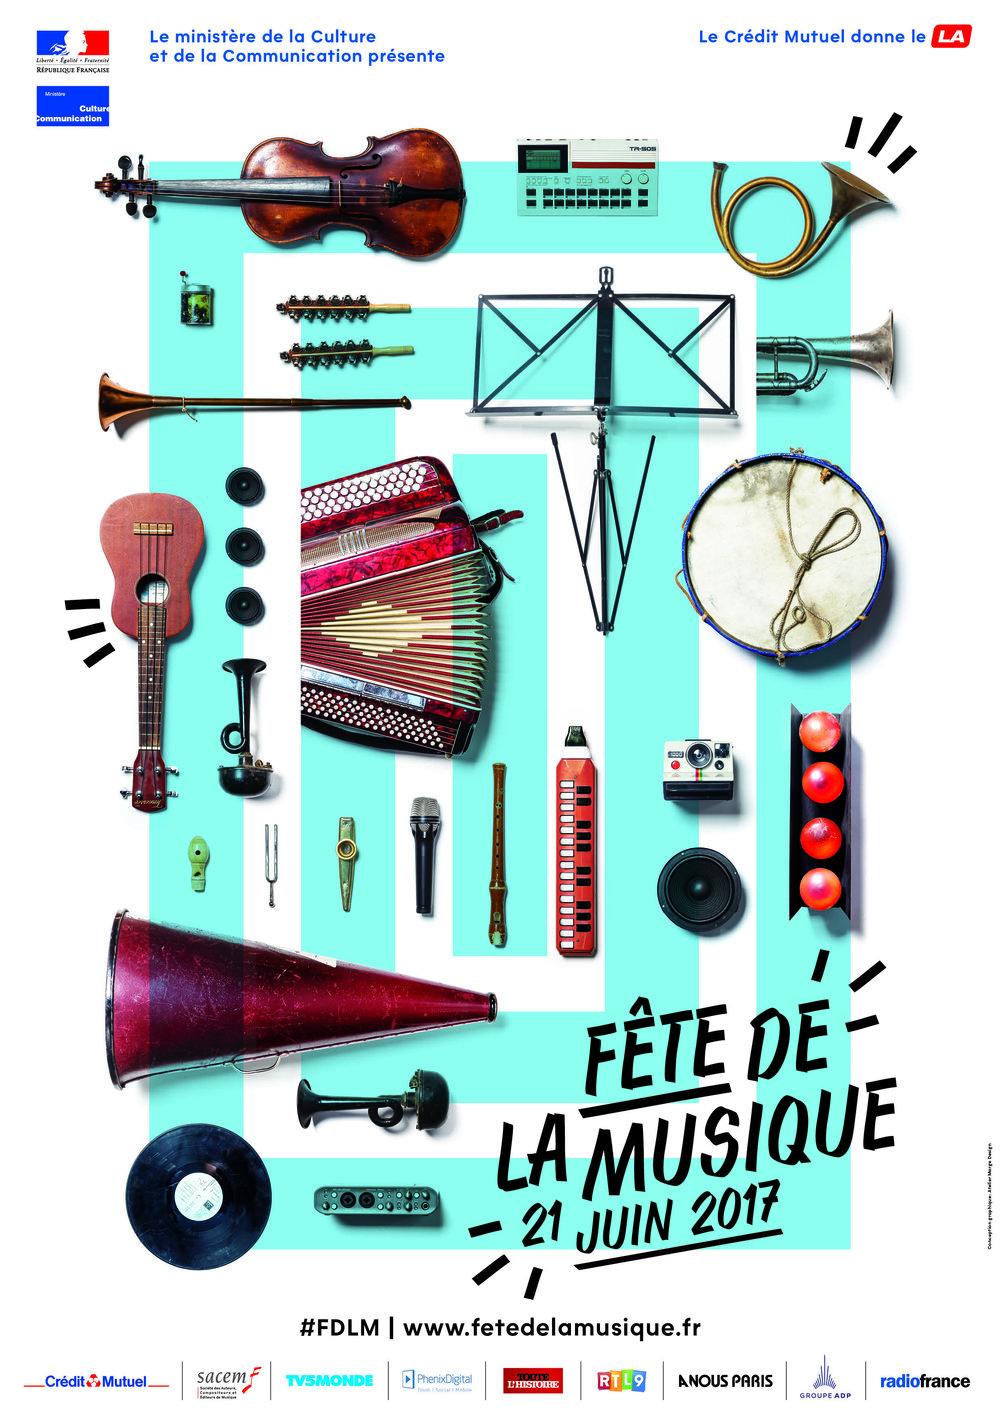 Fete De La Musique - Paris